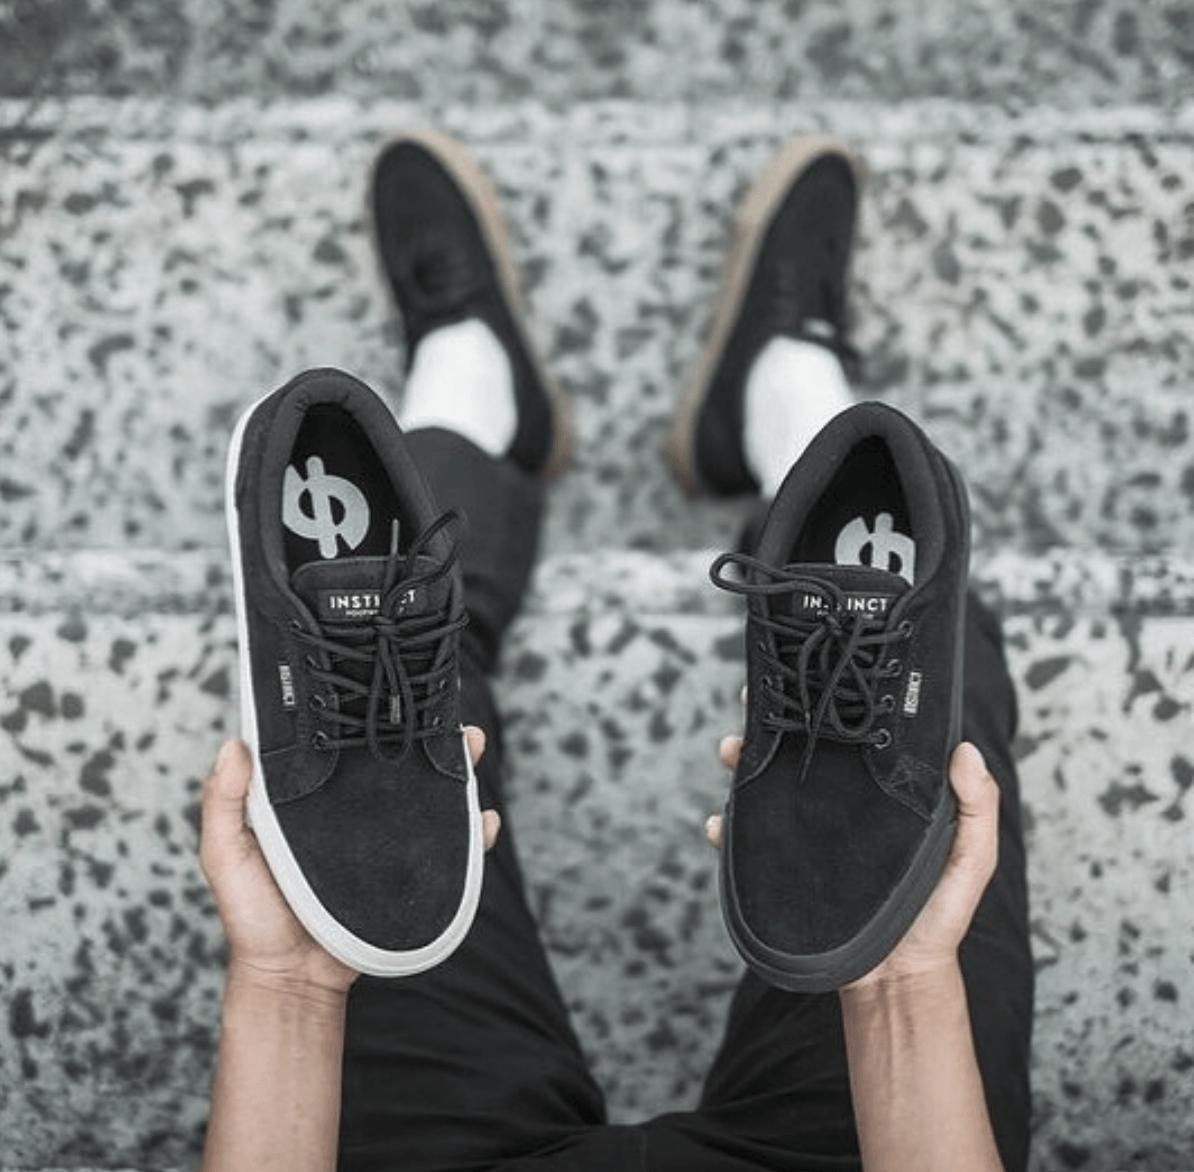 sneakers lokal - 73 Sneakers Lokal Kekinian yang Keren Banget